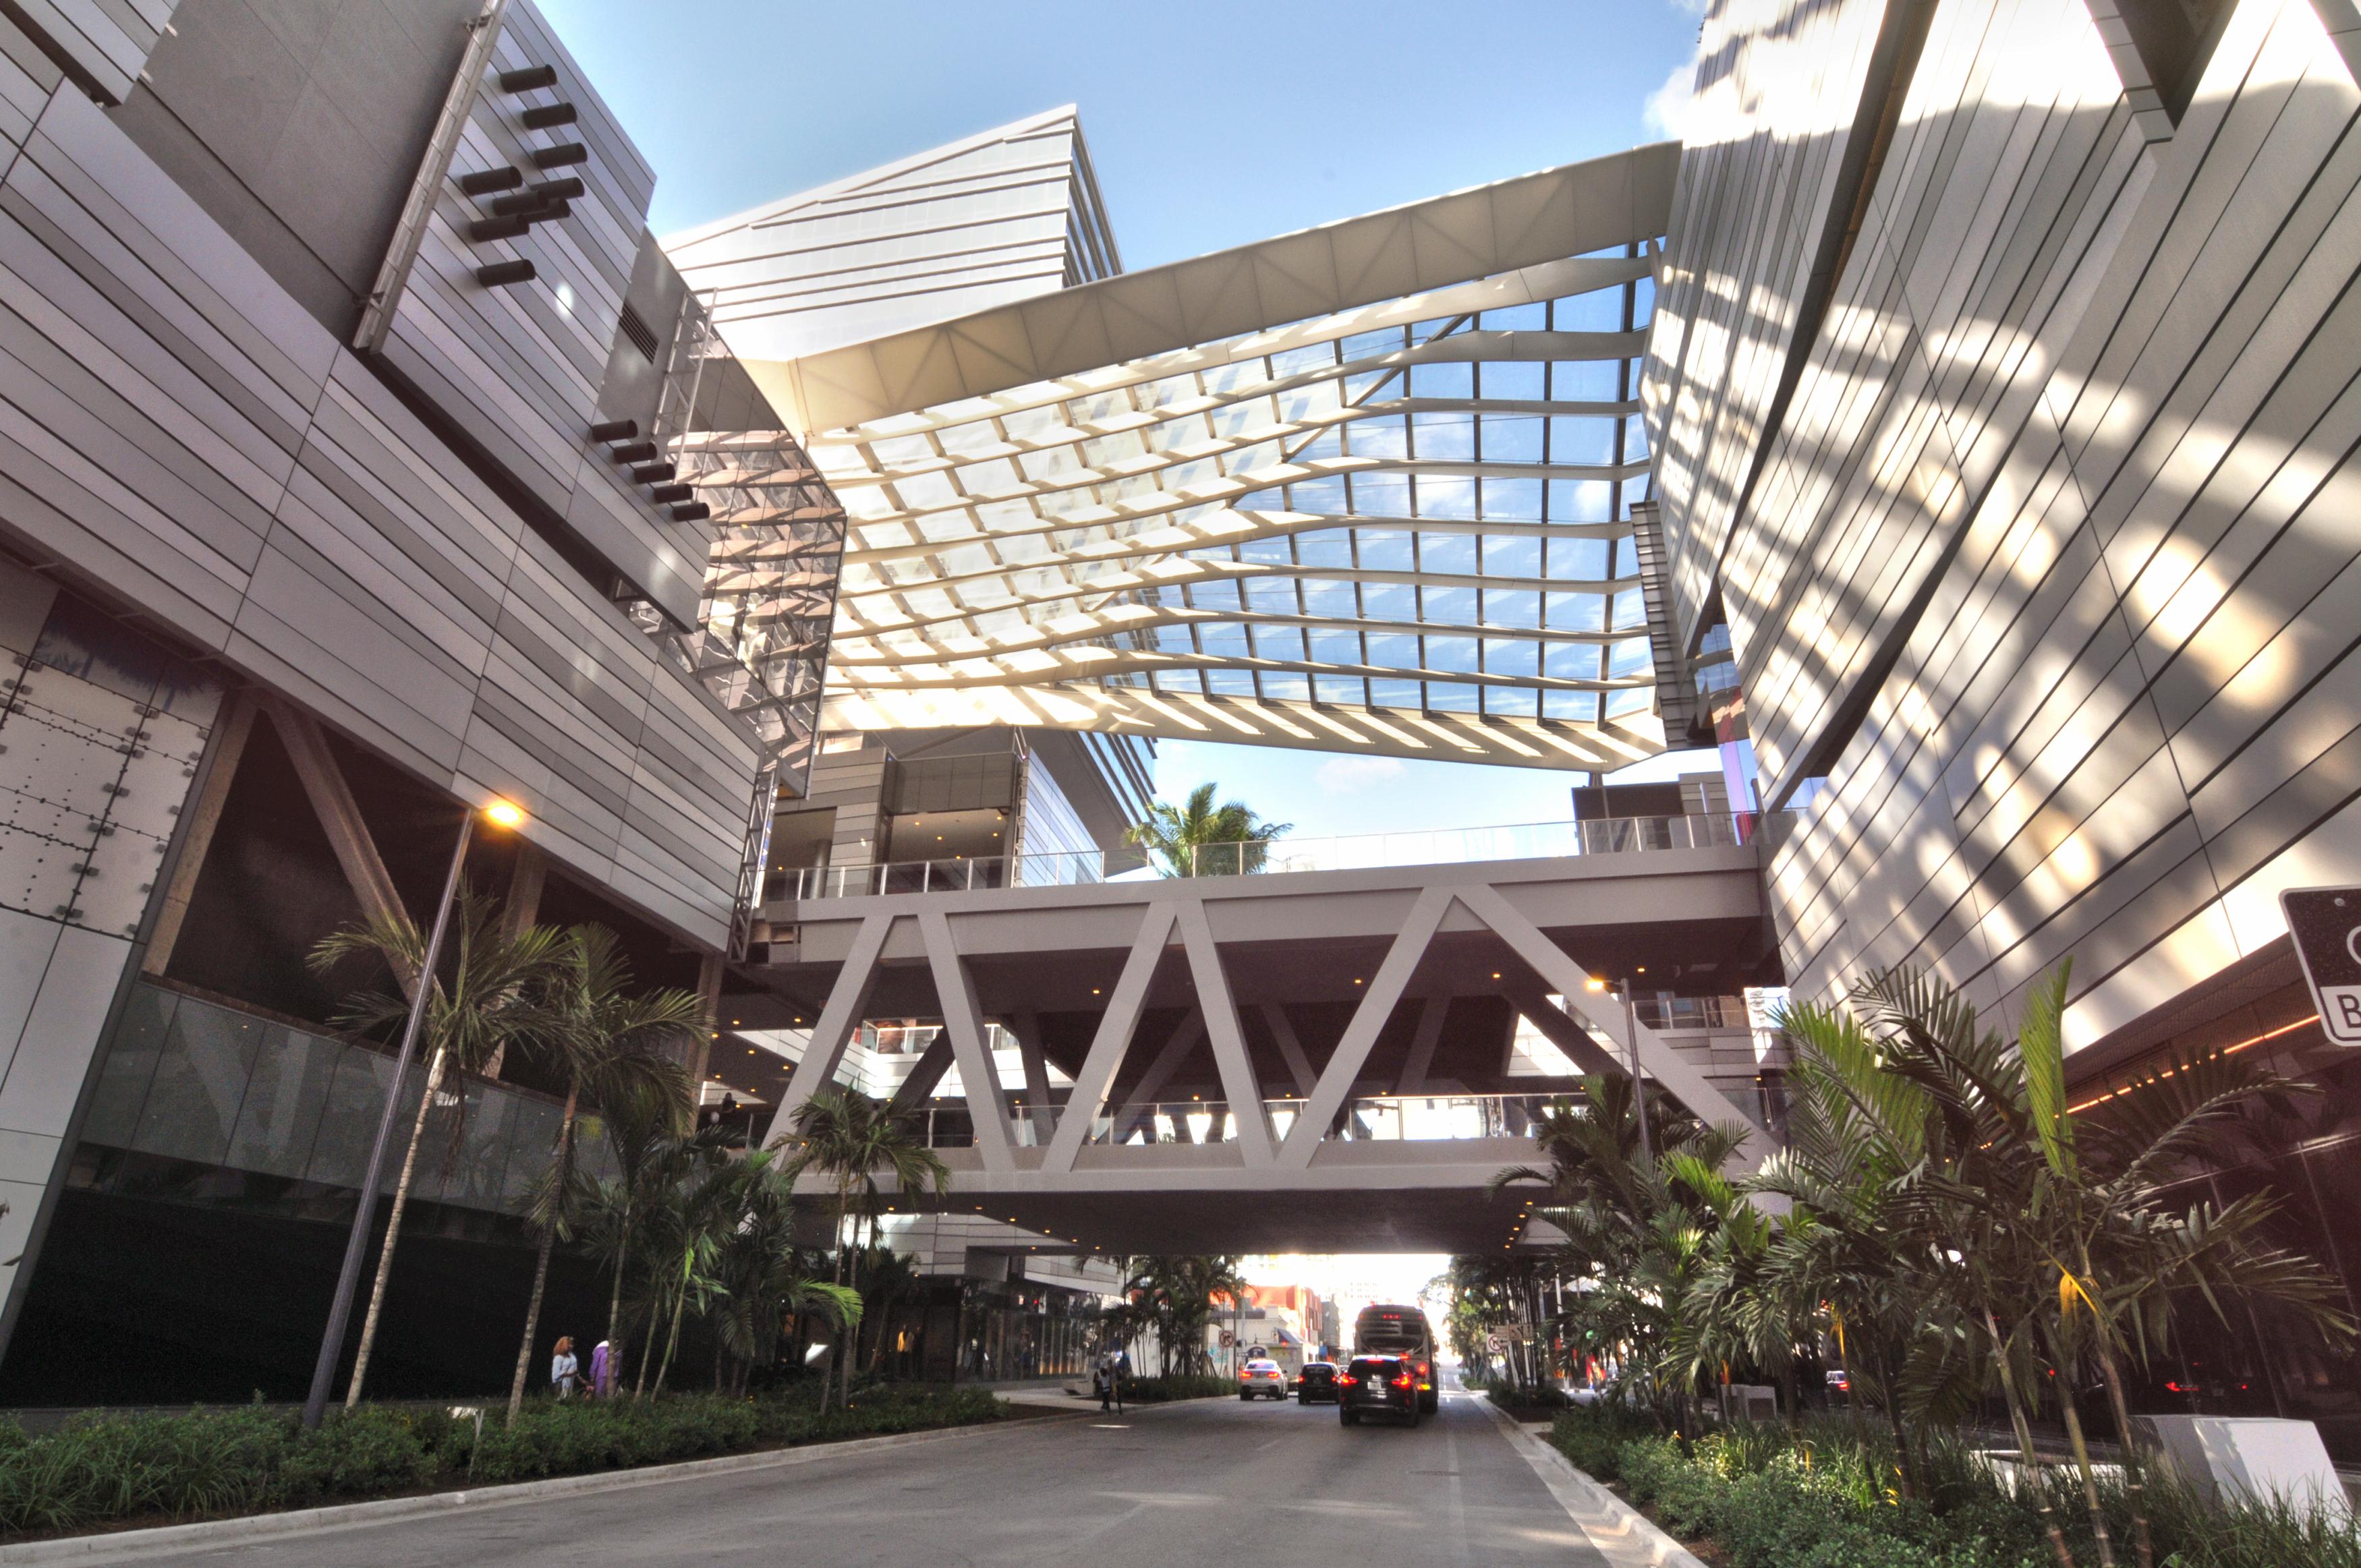 Brickell City Center Hotel